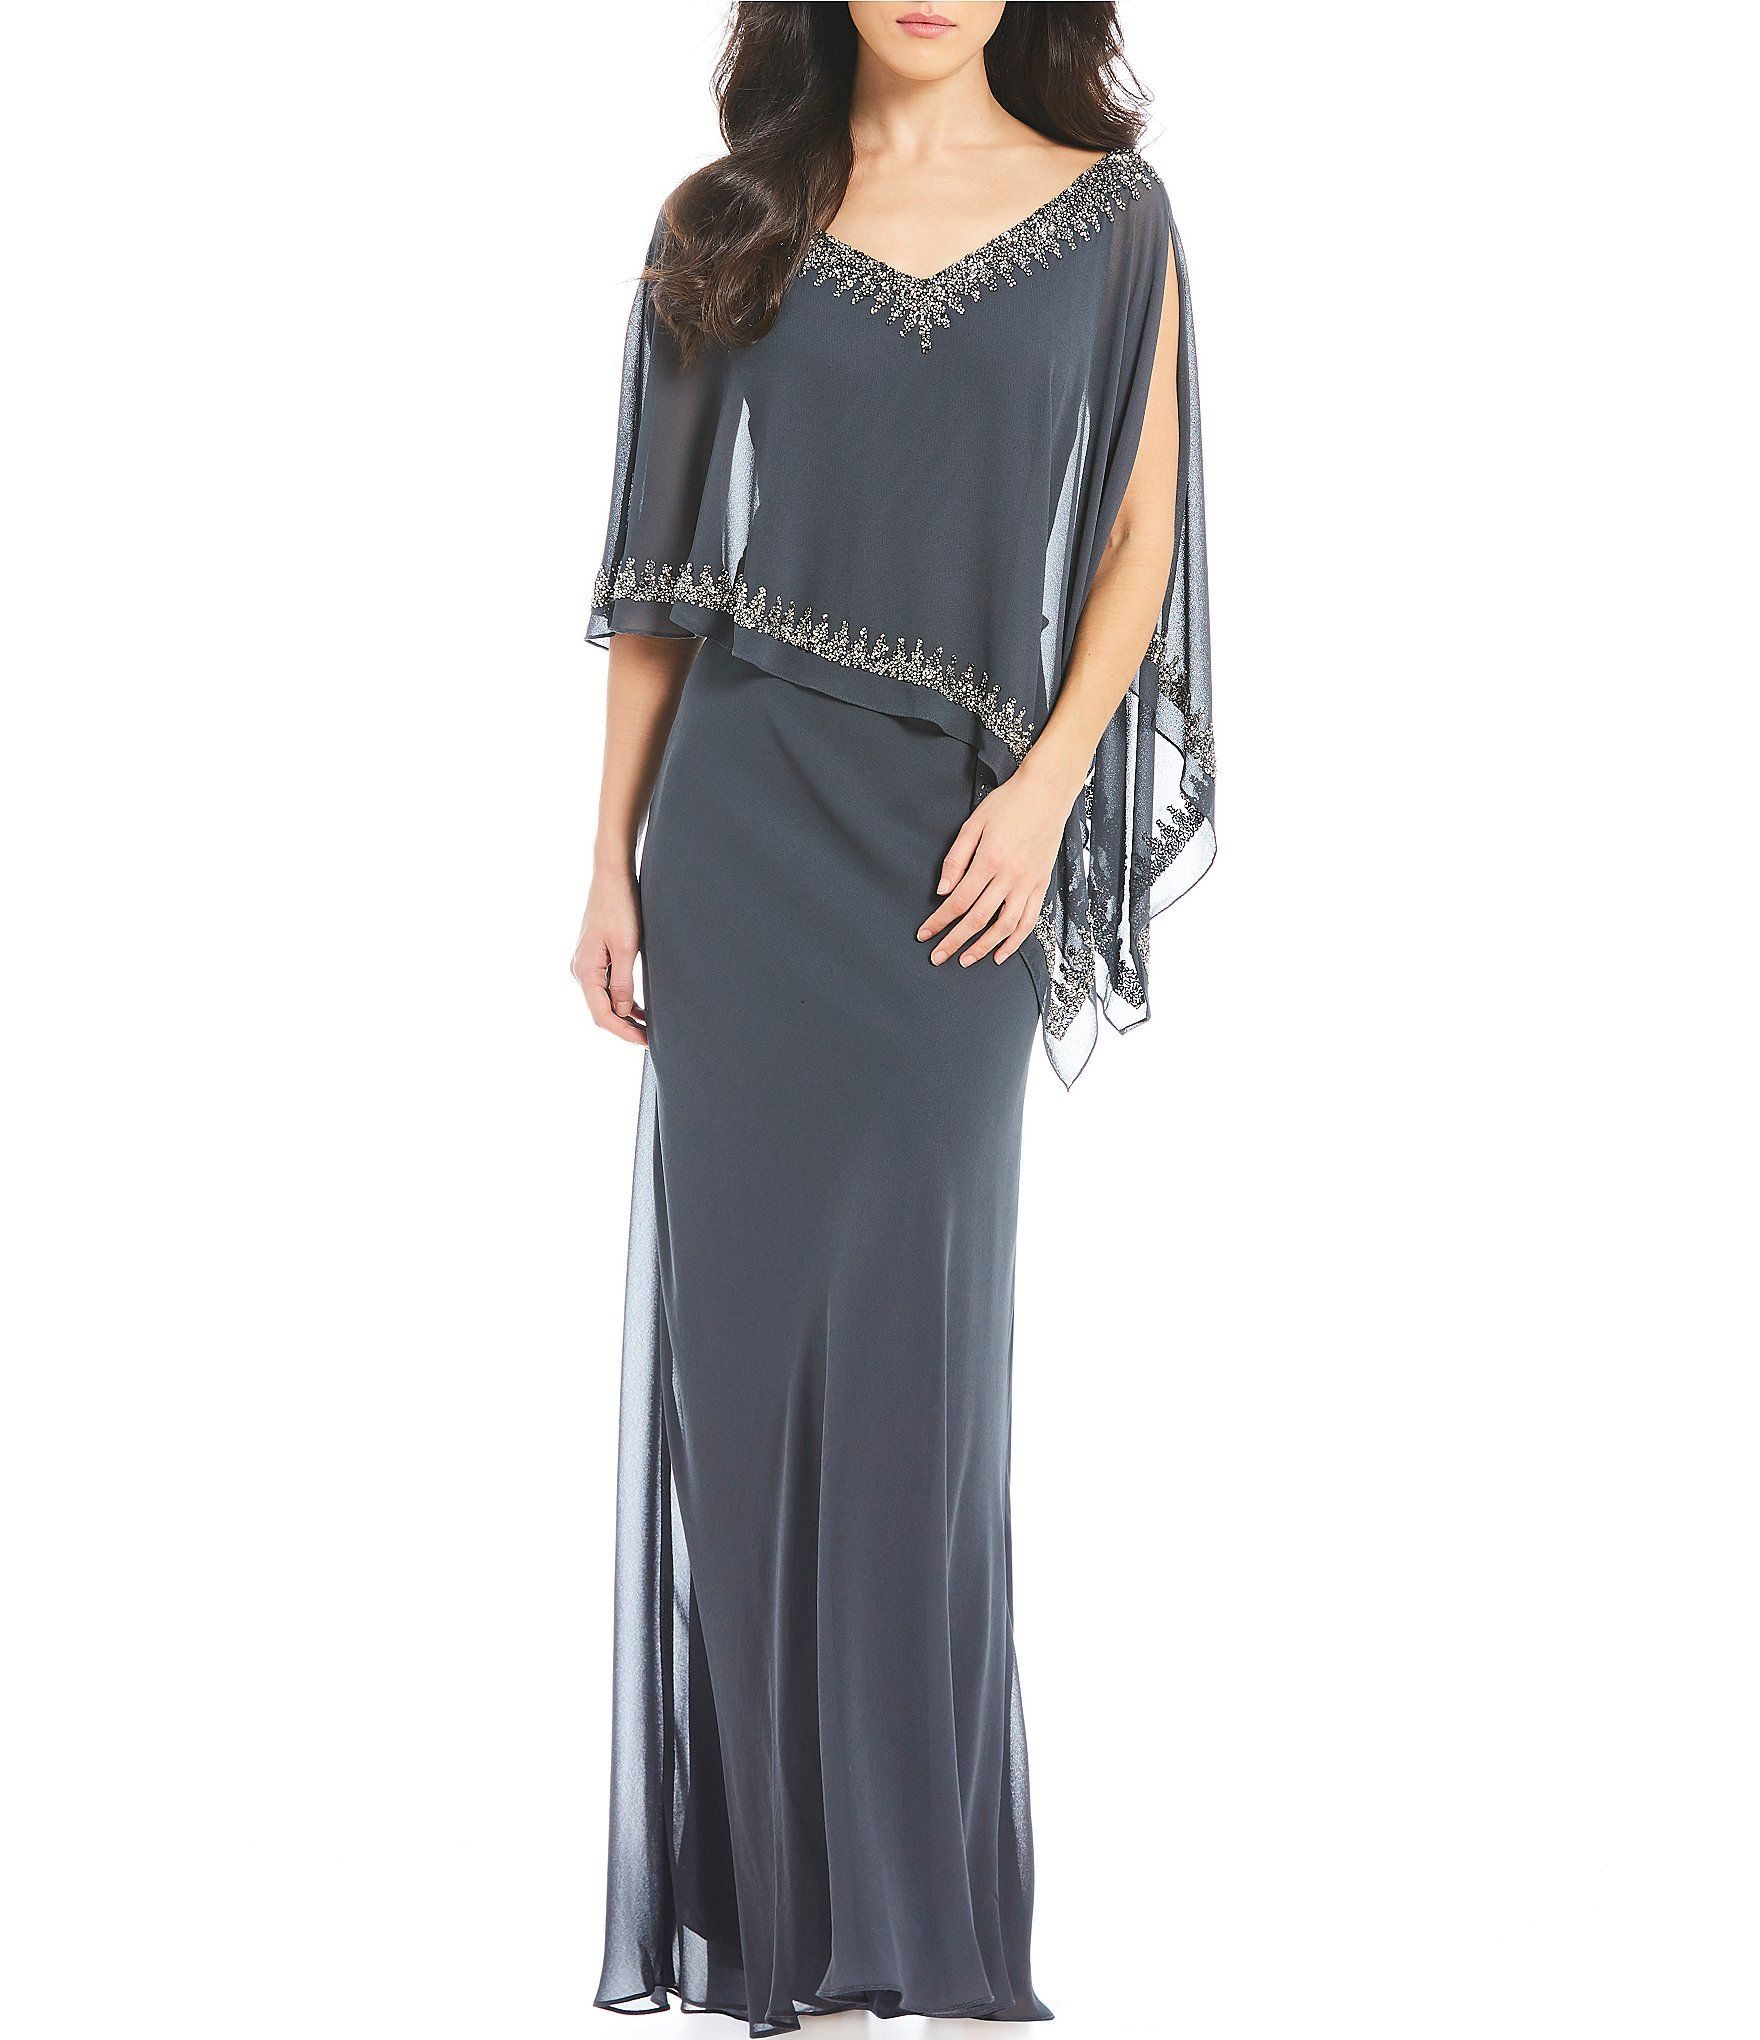 Beaded V-Neck Chiffon Capelet Sheath Dress